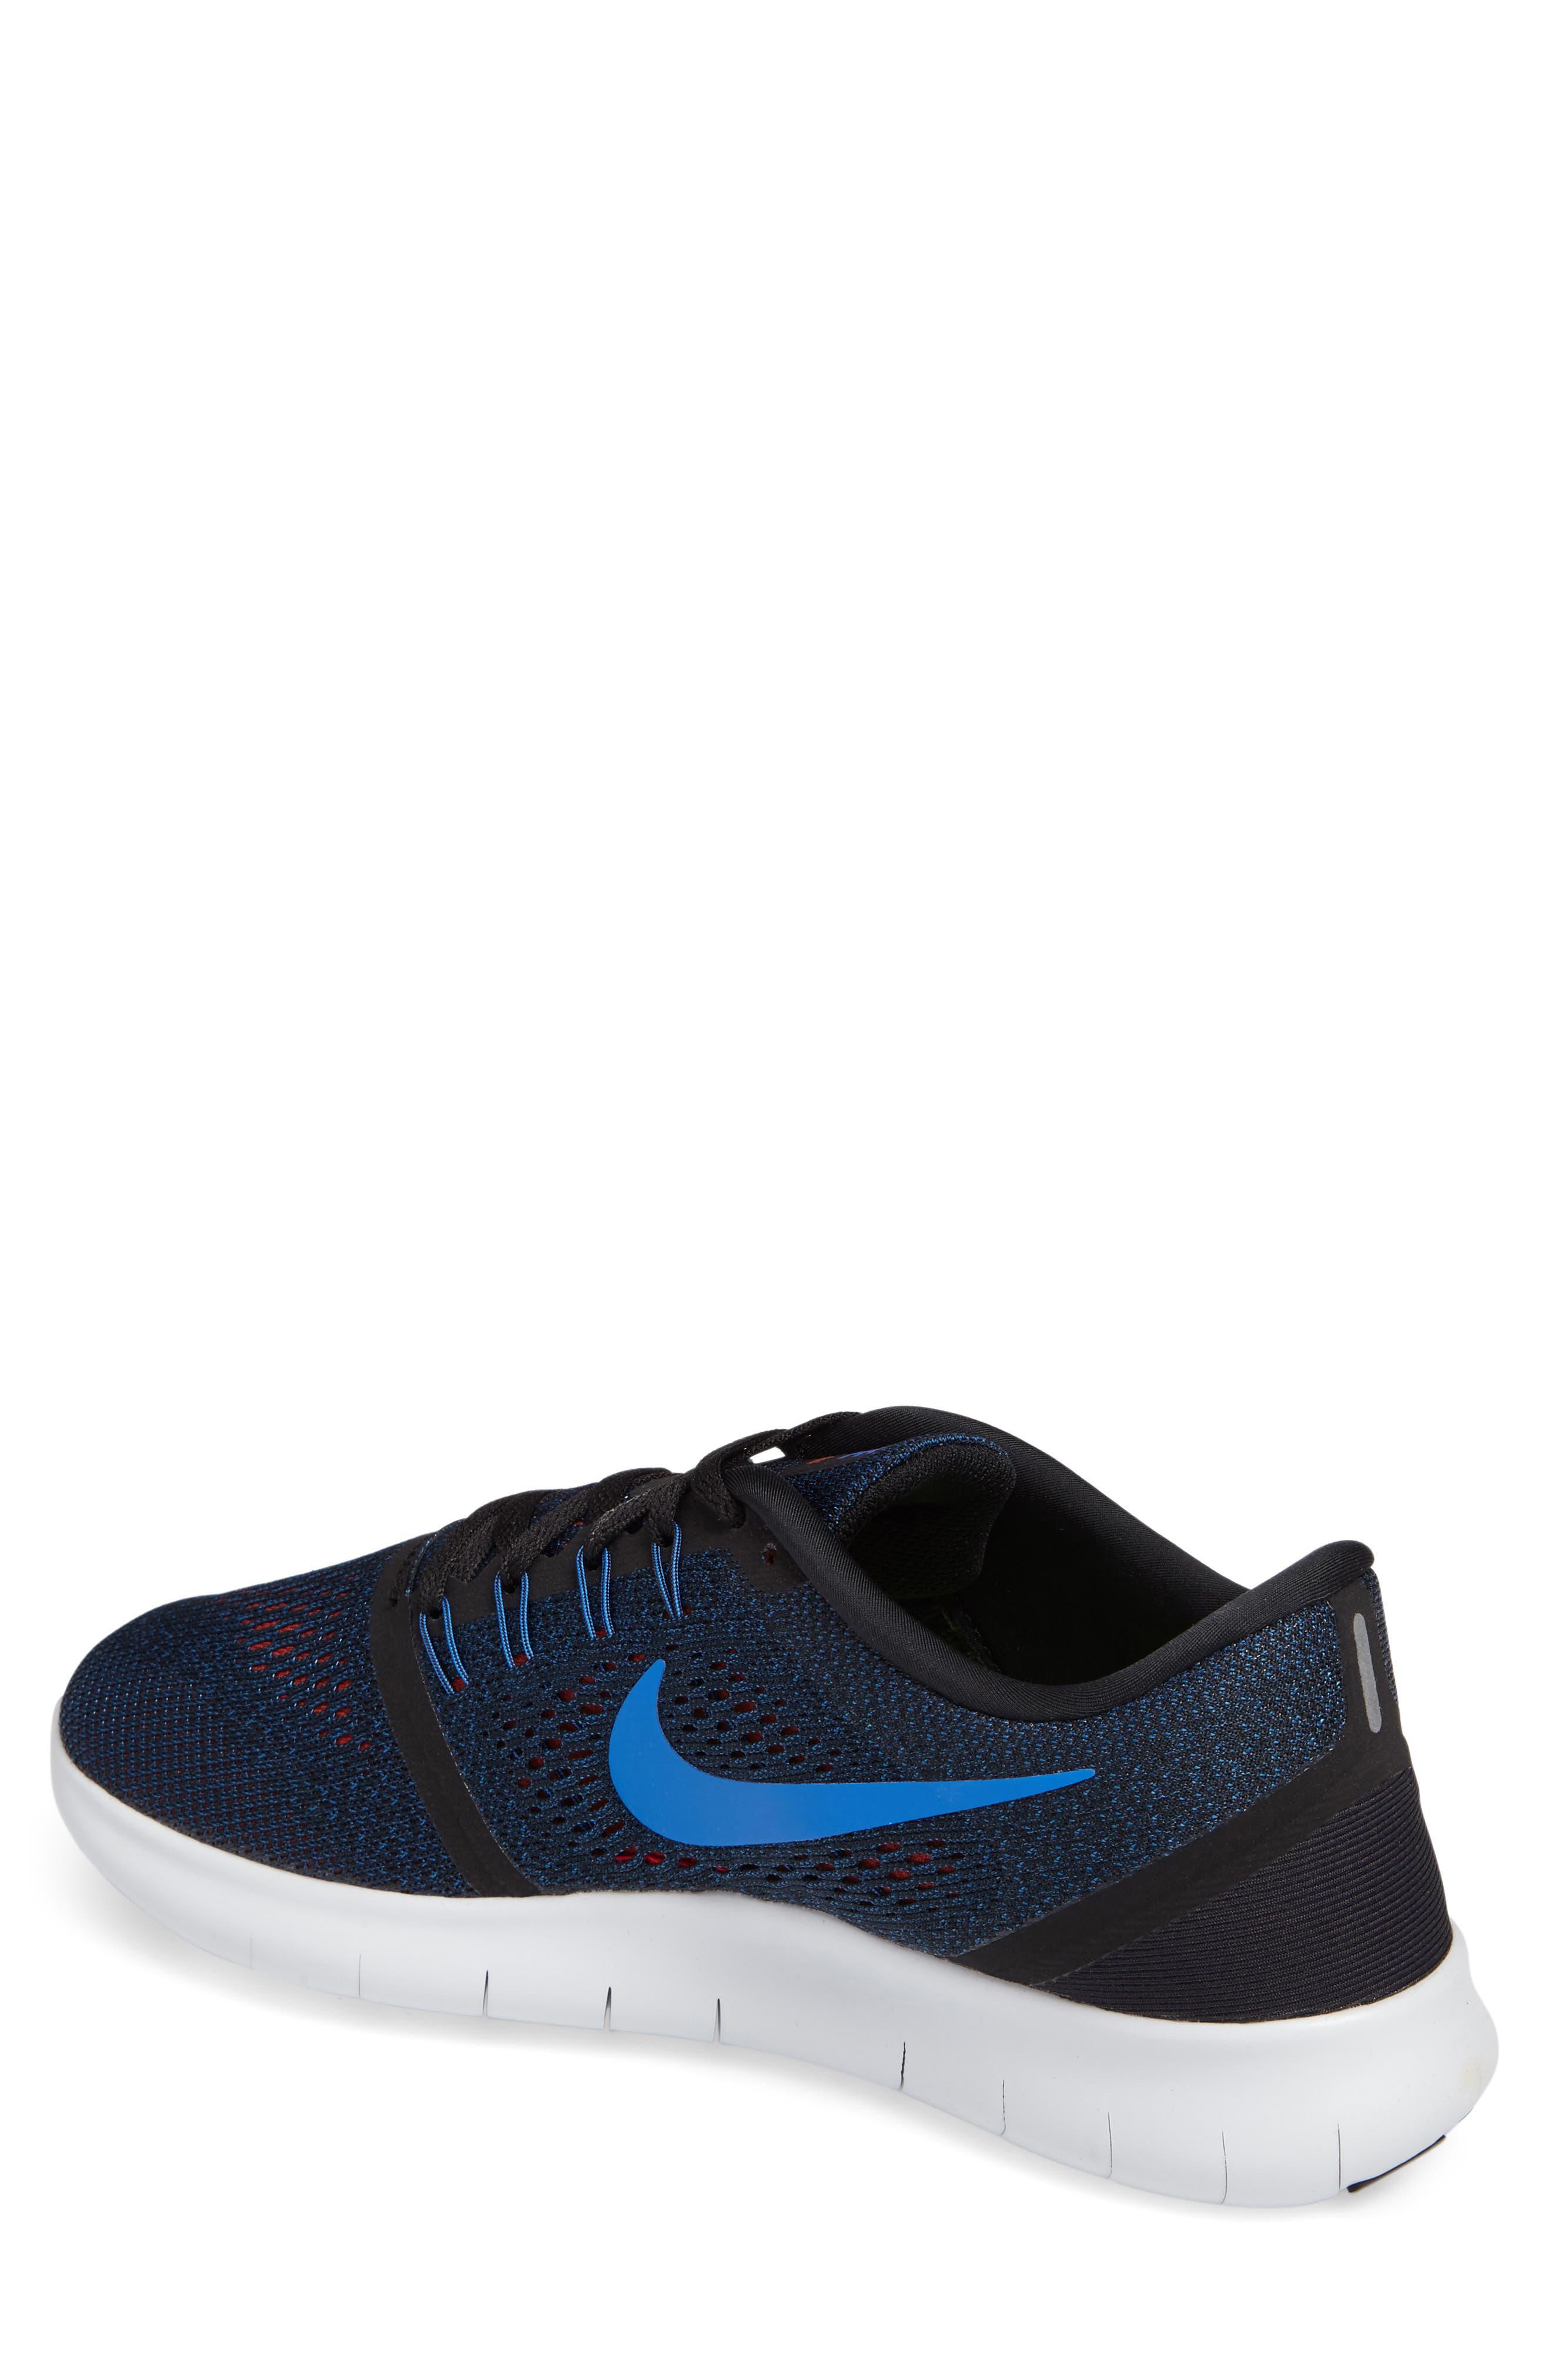 Alternate Image 2  - Nike 'Free RN' Running Shoe (Men)